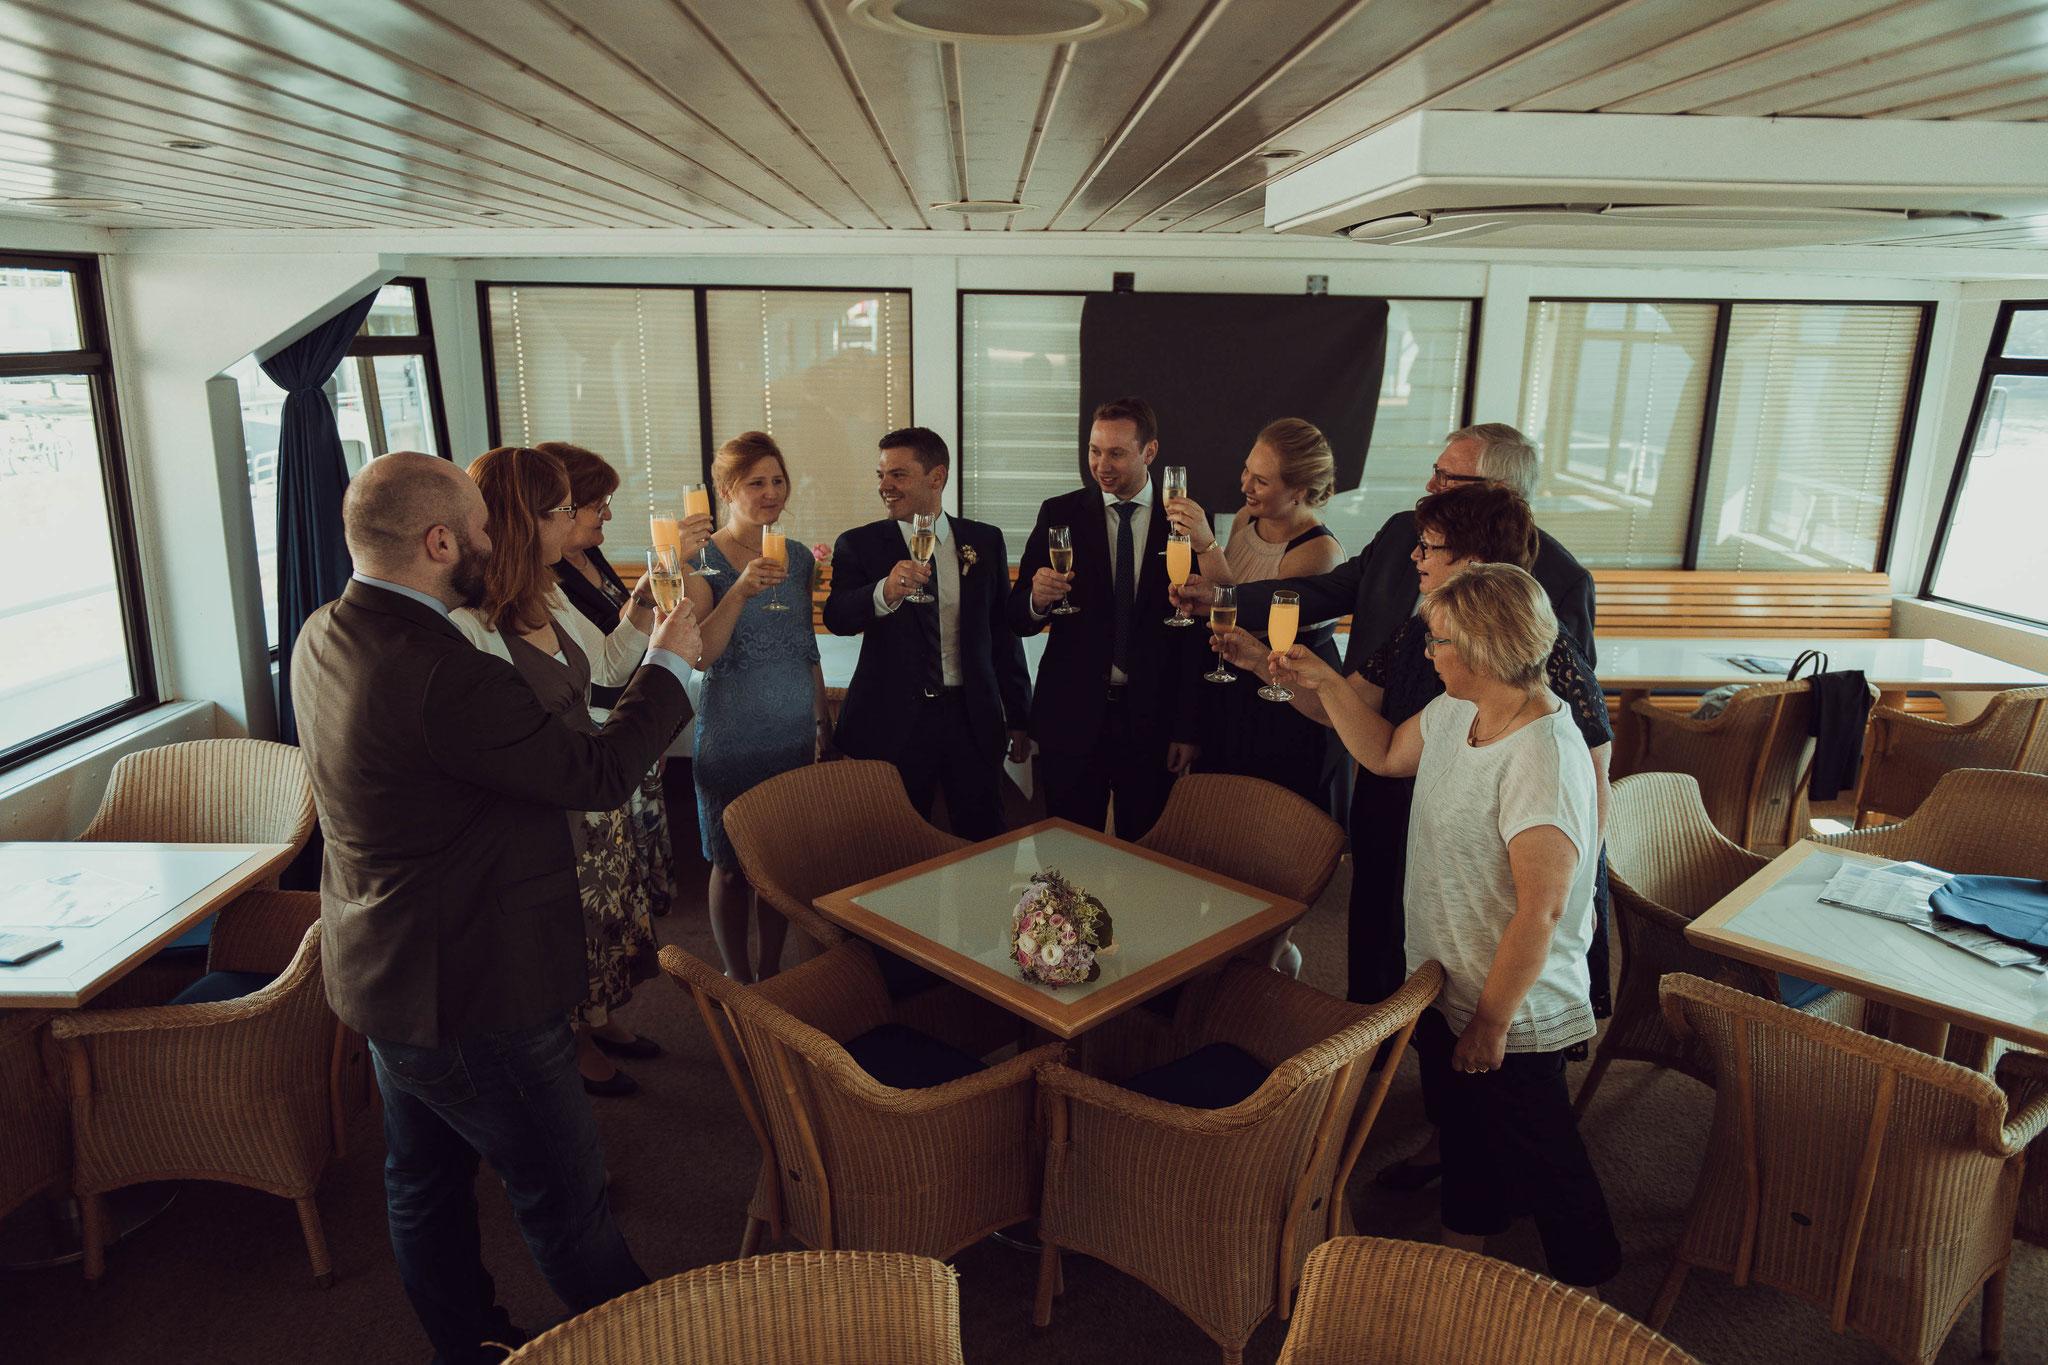 Hochzeitsreportage und fotografische Begleitung auf dem Nautilus Schiff in Frankfurt